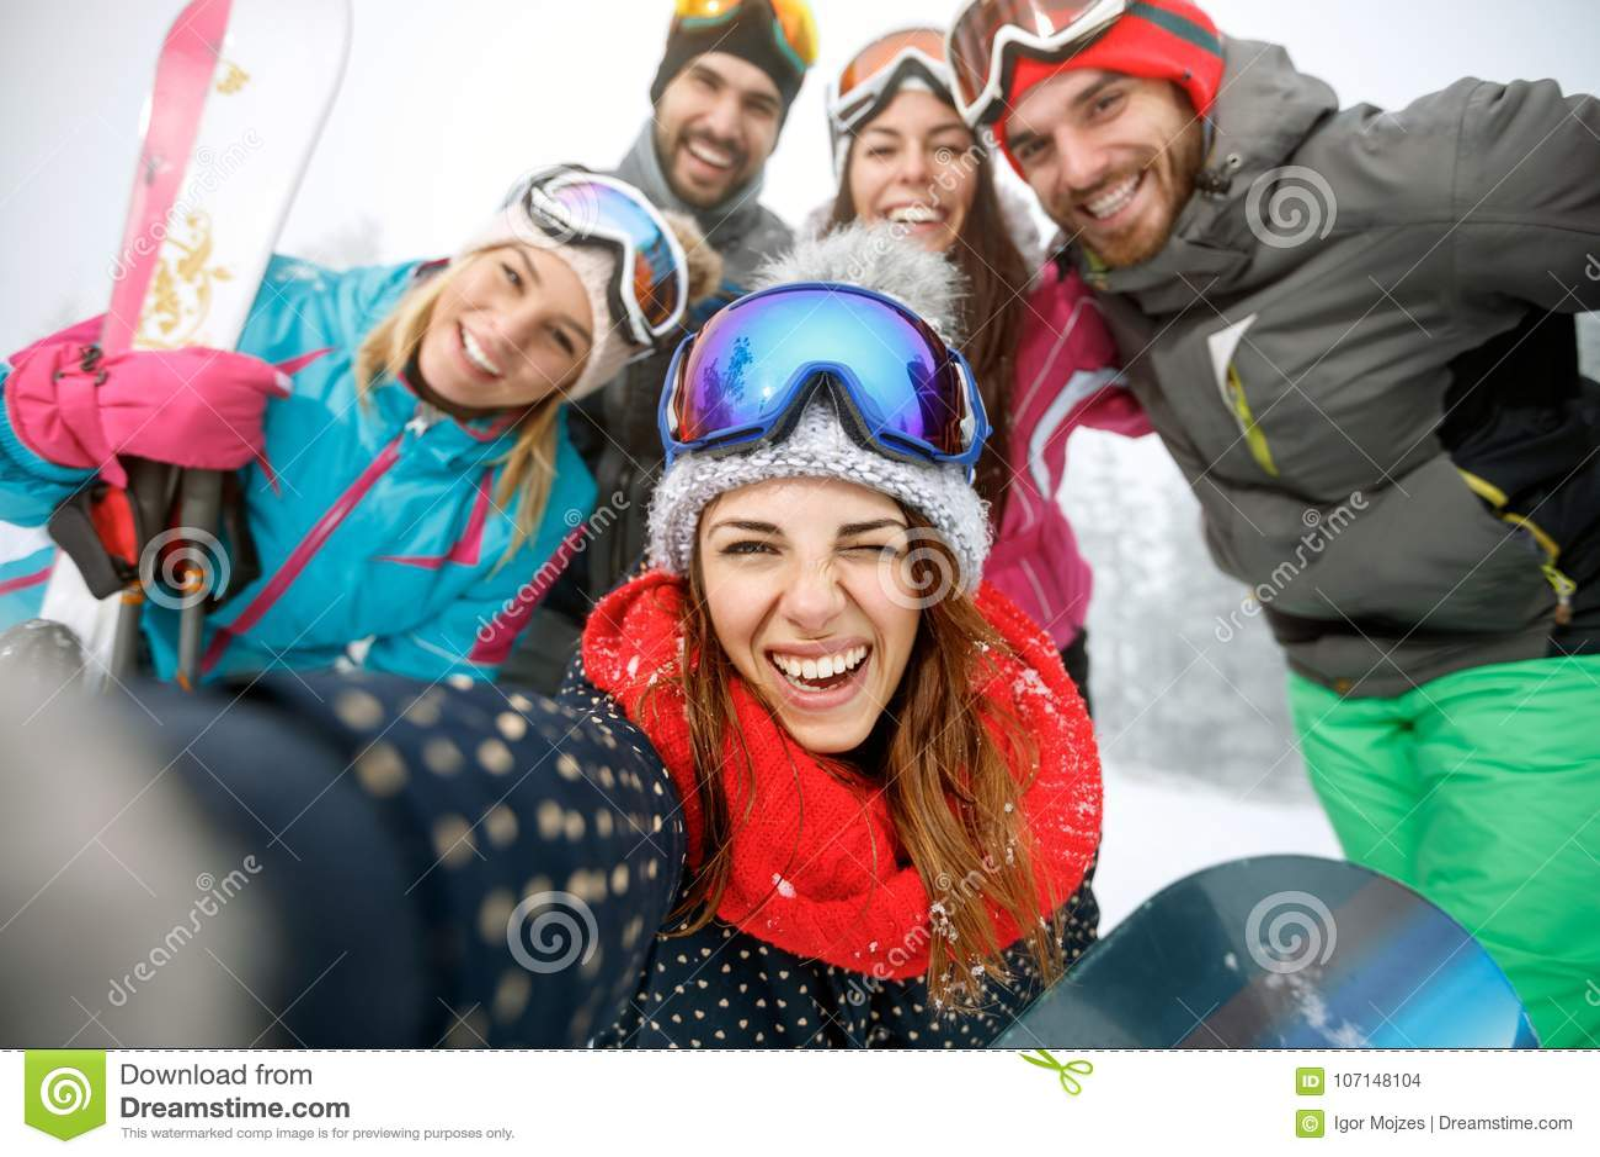 Flicka på skidåkning med gruppen av vänner